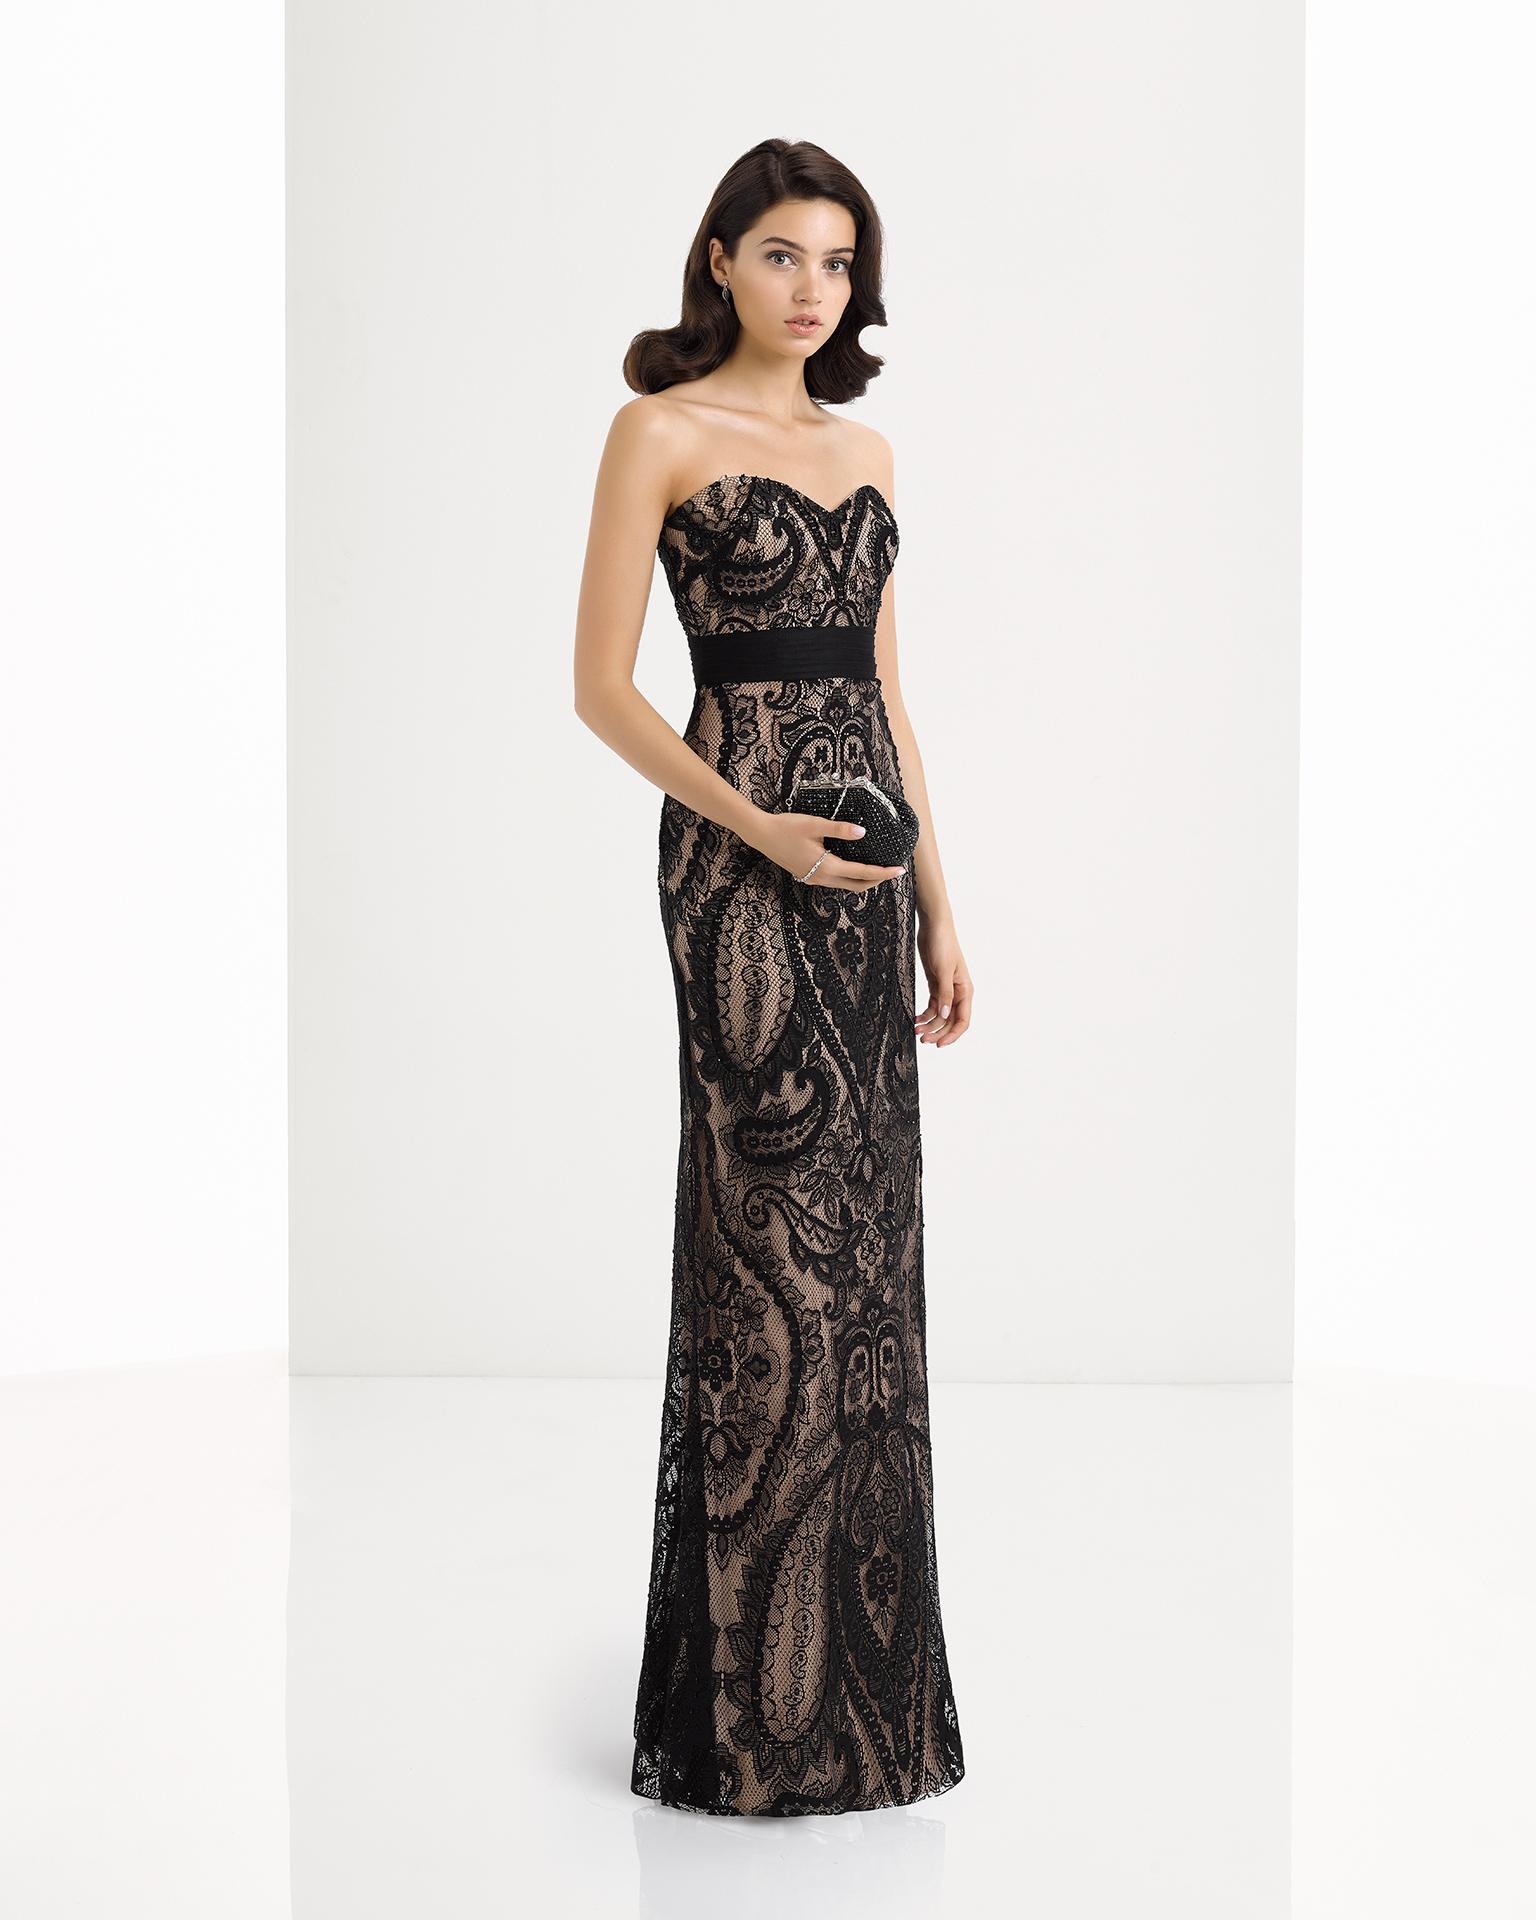 Quiero ver modelos de vestidos de fiesta